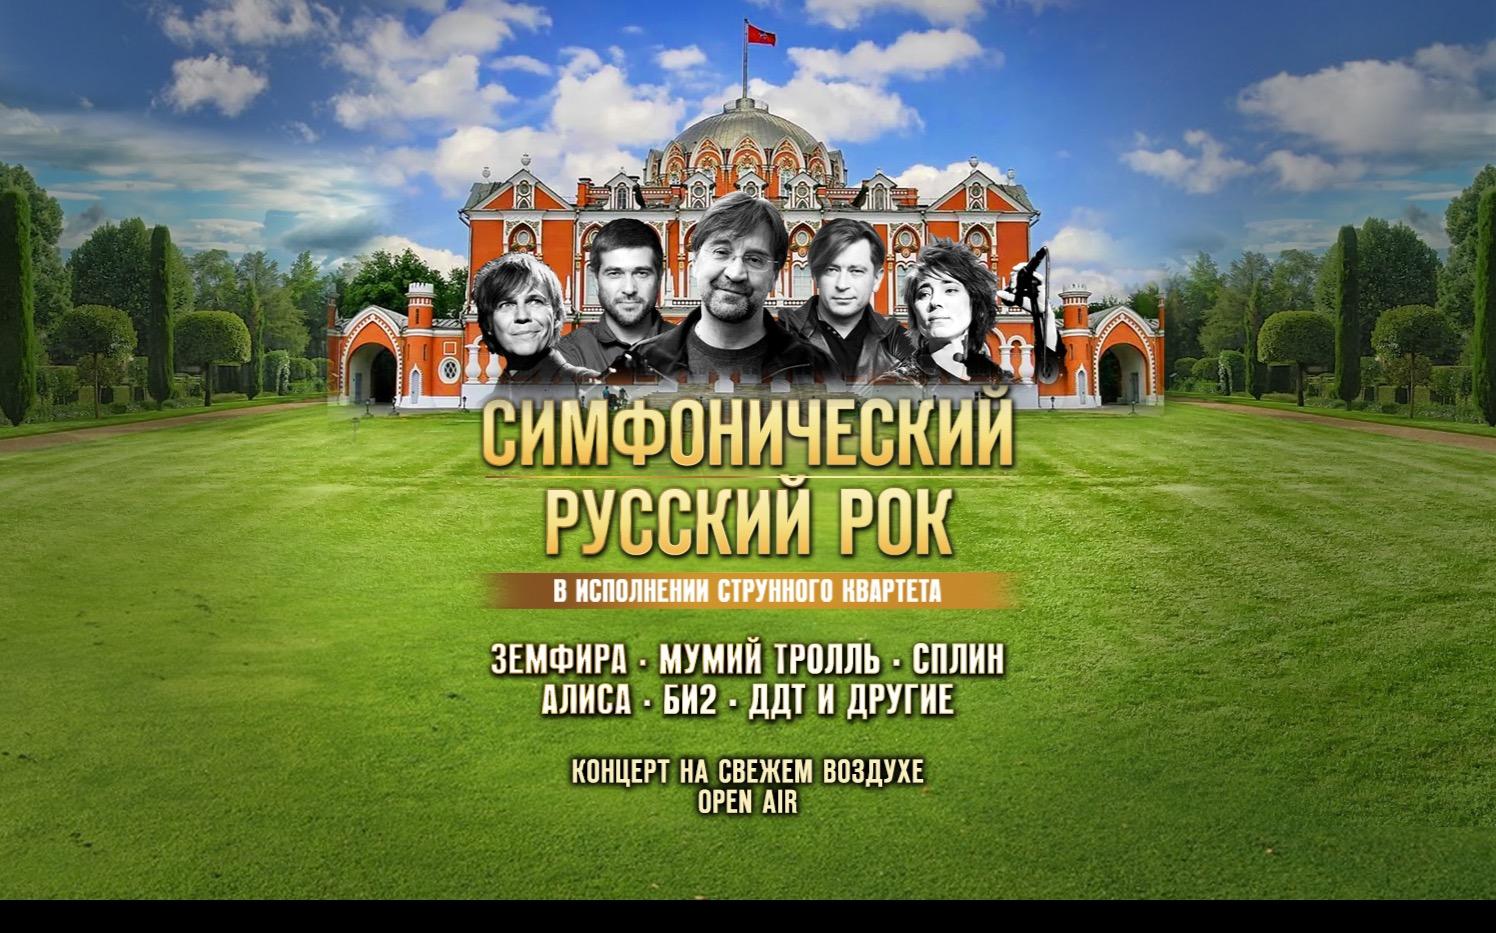 Летний концерт во дворце. Симфонический русский рок